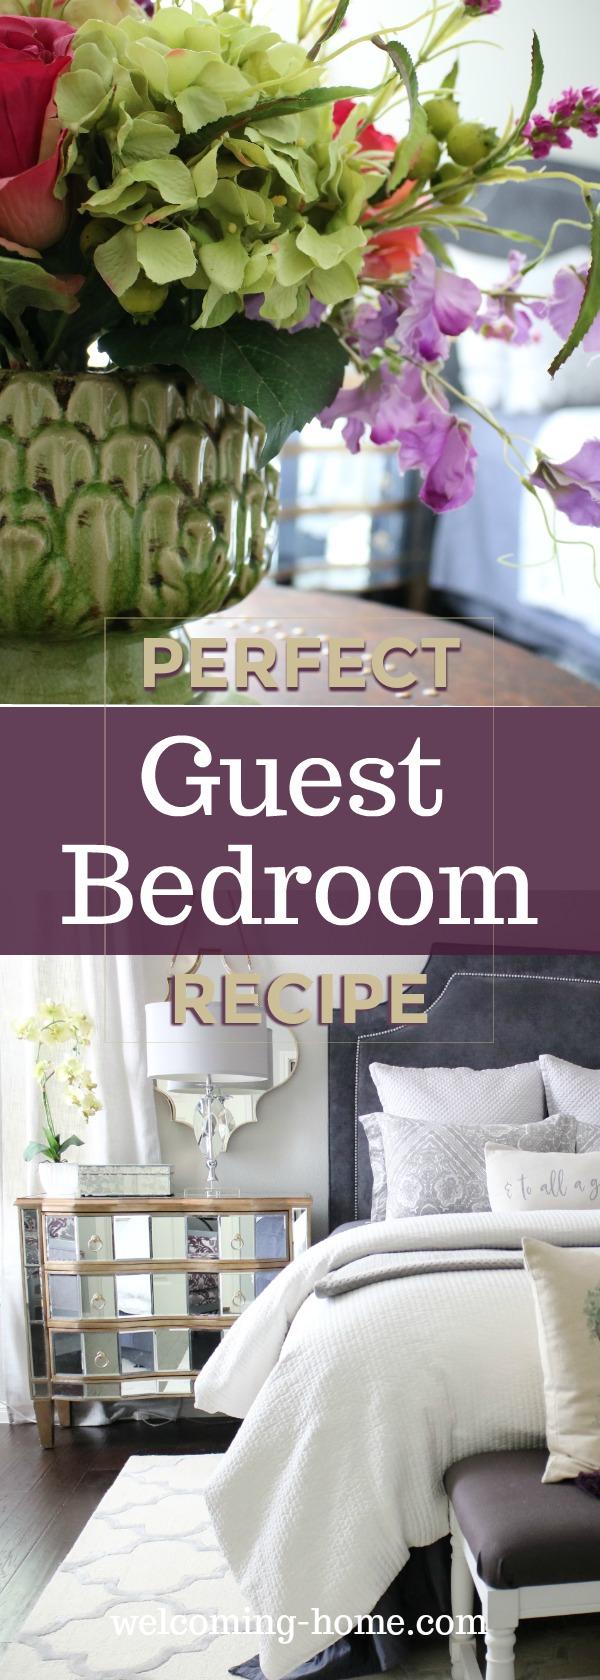 Guest Bedroom Recipe.jpg